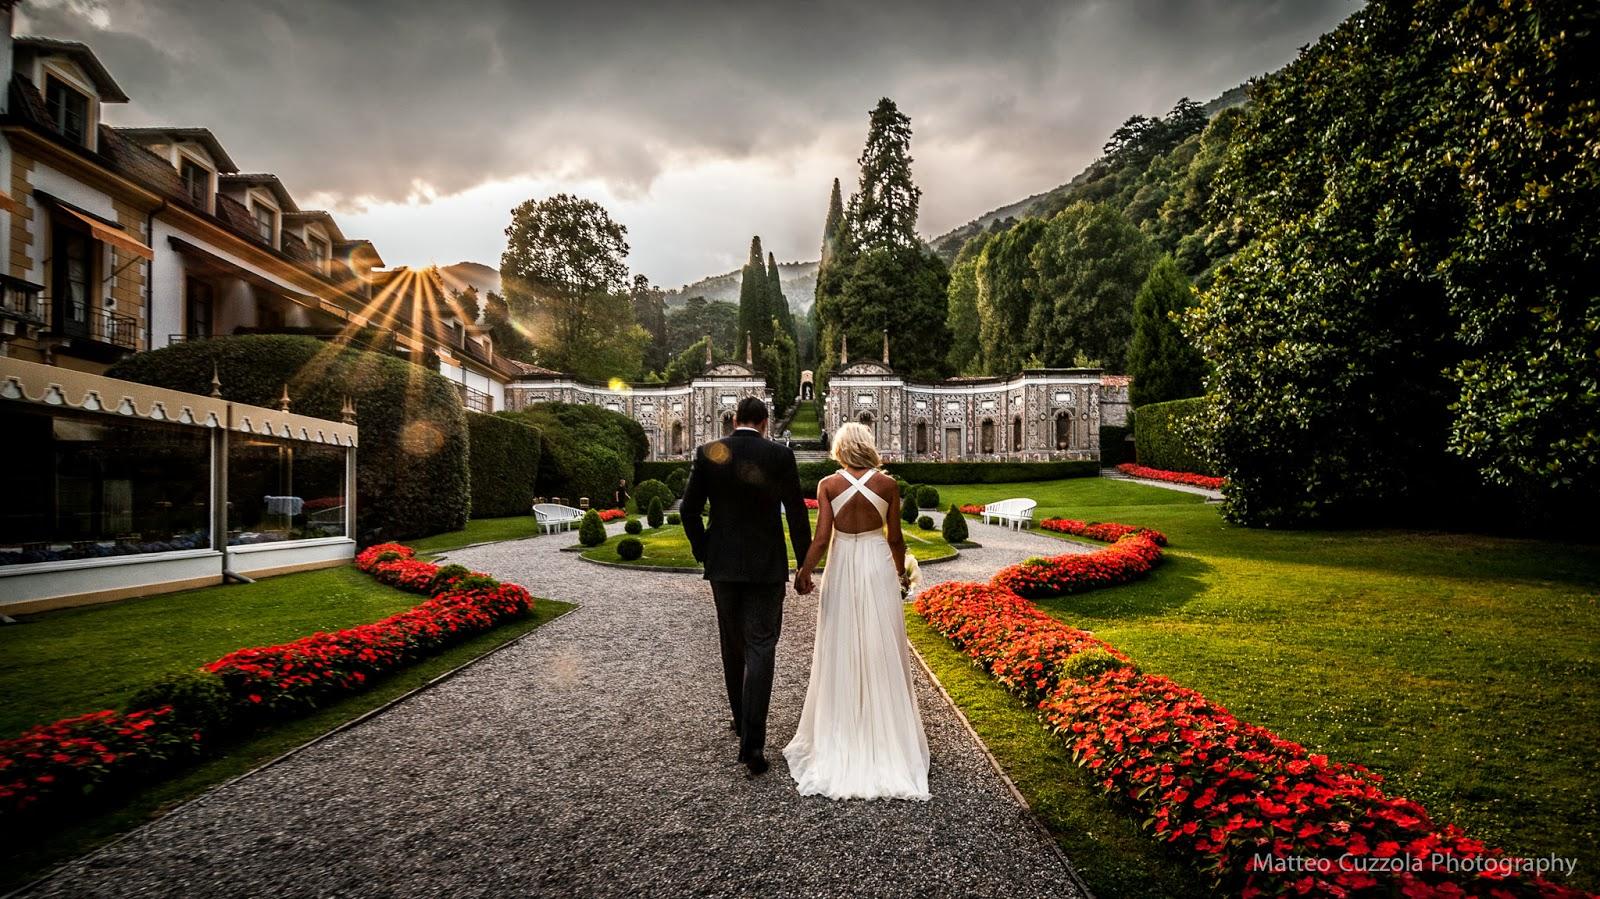 Matrimonio In Villa : Matrimonio a villa d este cernobbio